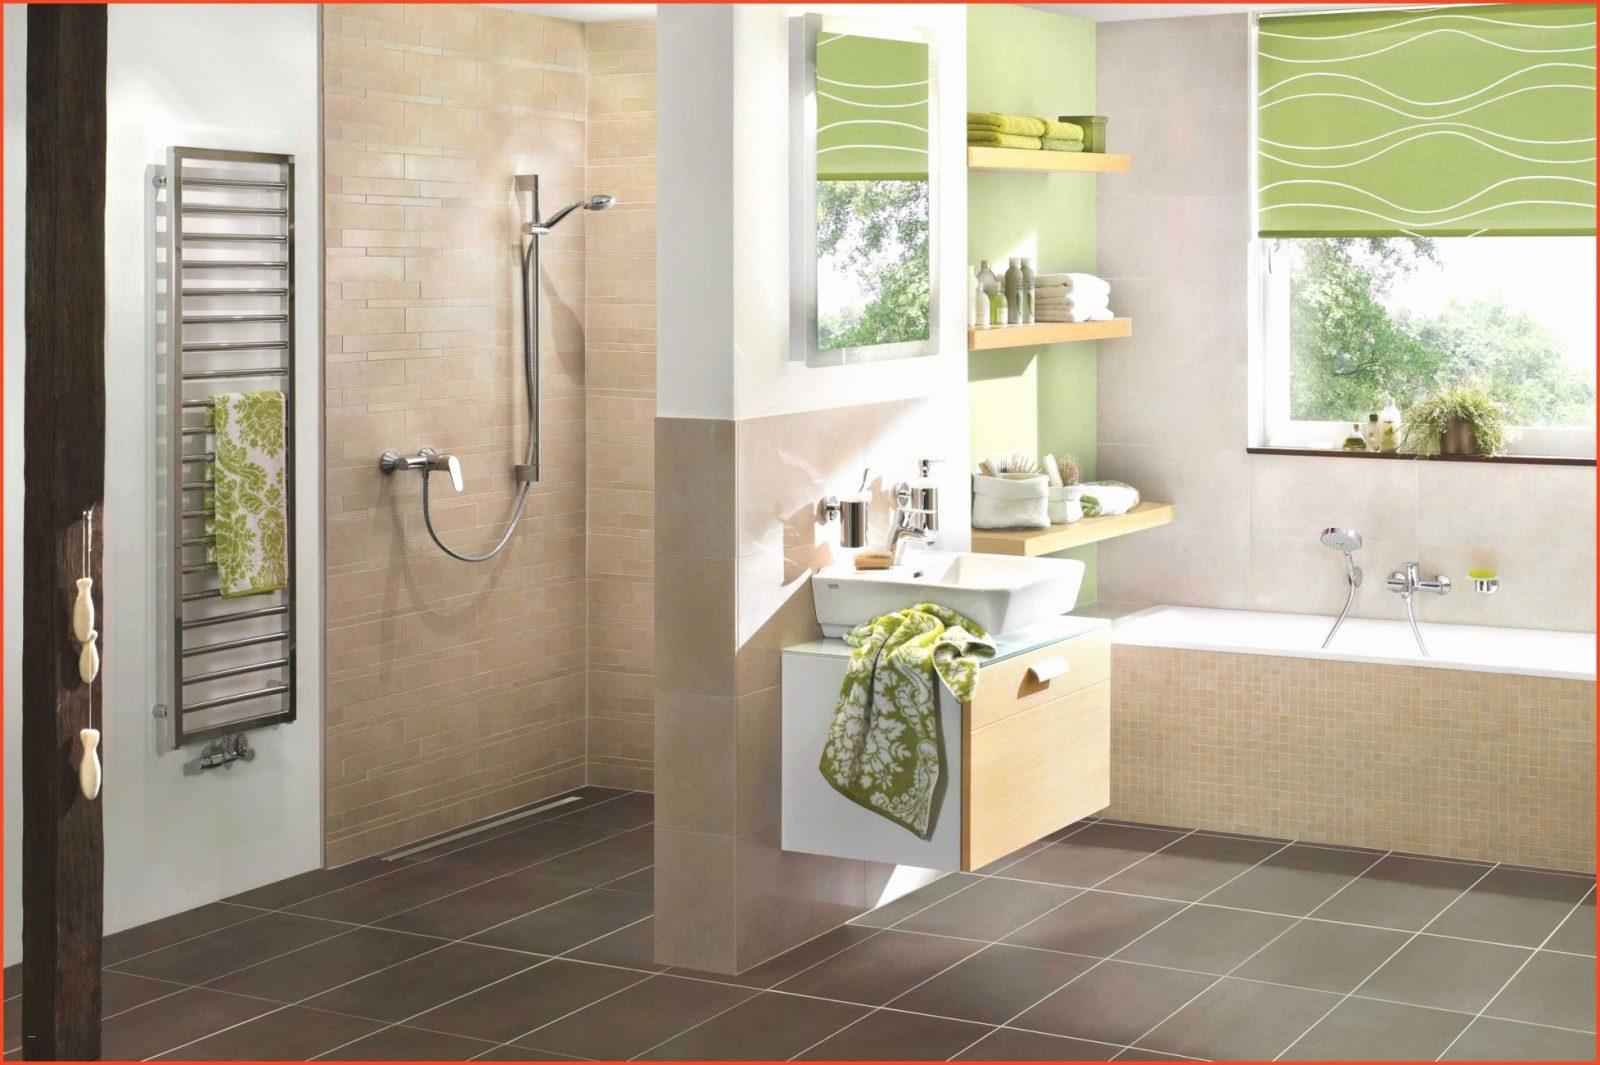 Bad Fliesen Grau Weiß Best Fliesen Badezimmer Braun Genial von Badezimmer Fliesen Ideen Schwarz Weiß Photo